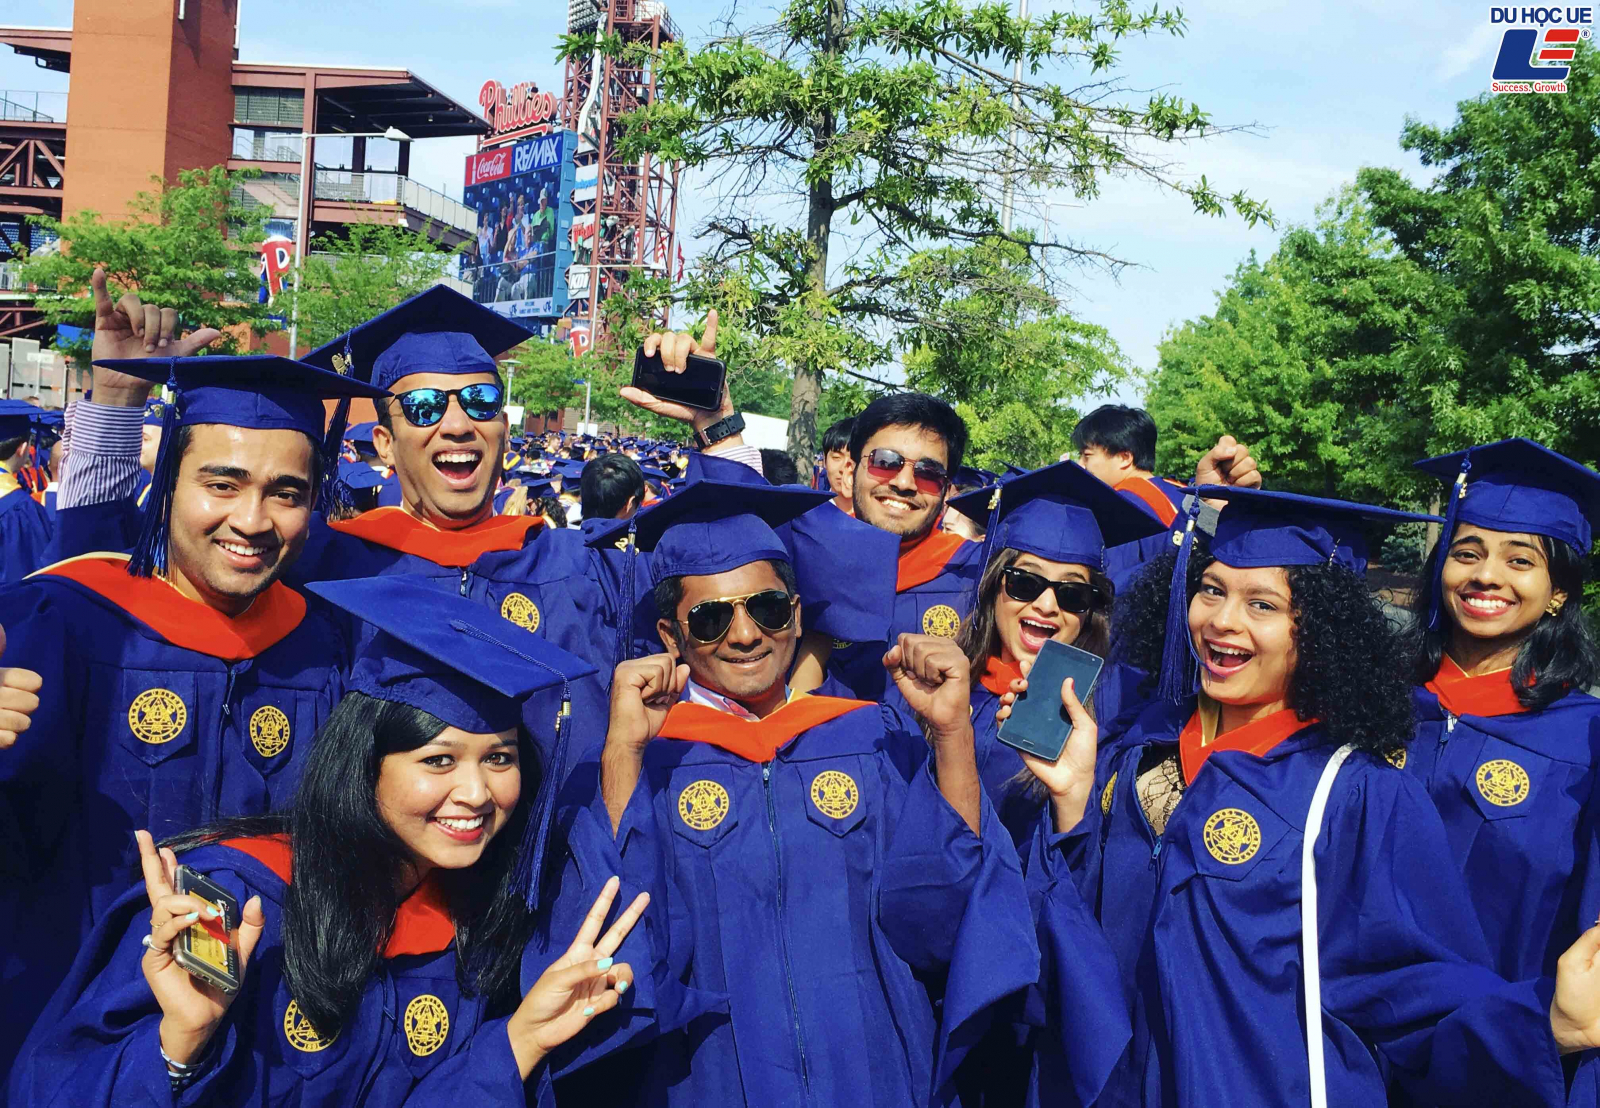 Drexel University - Săn ngay học bổng 100% 4